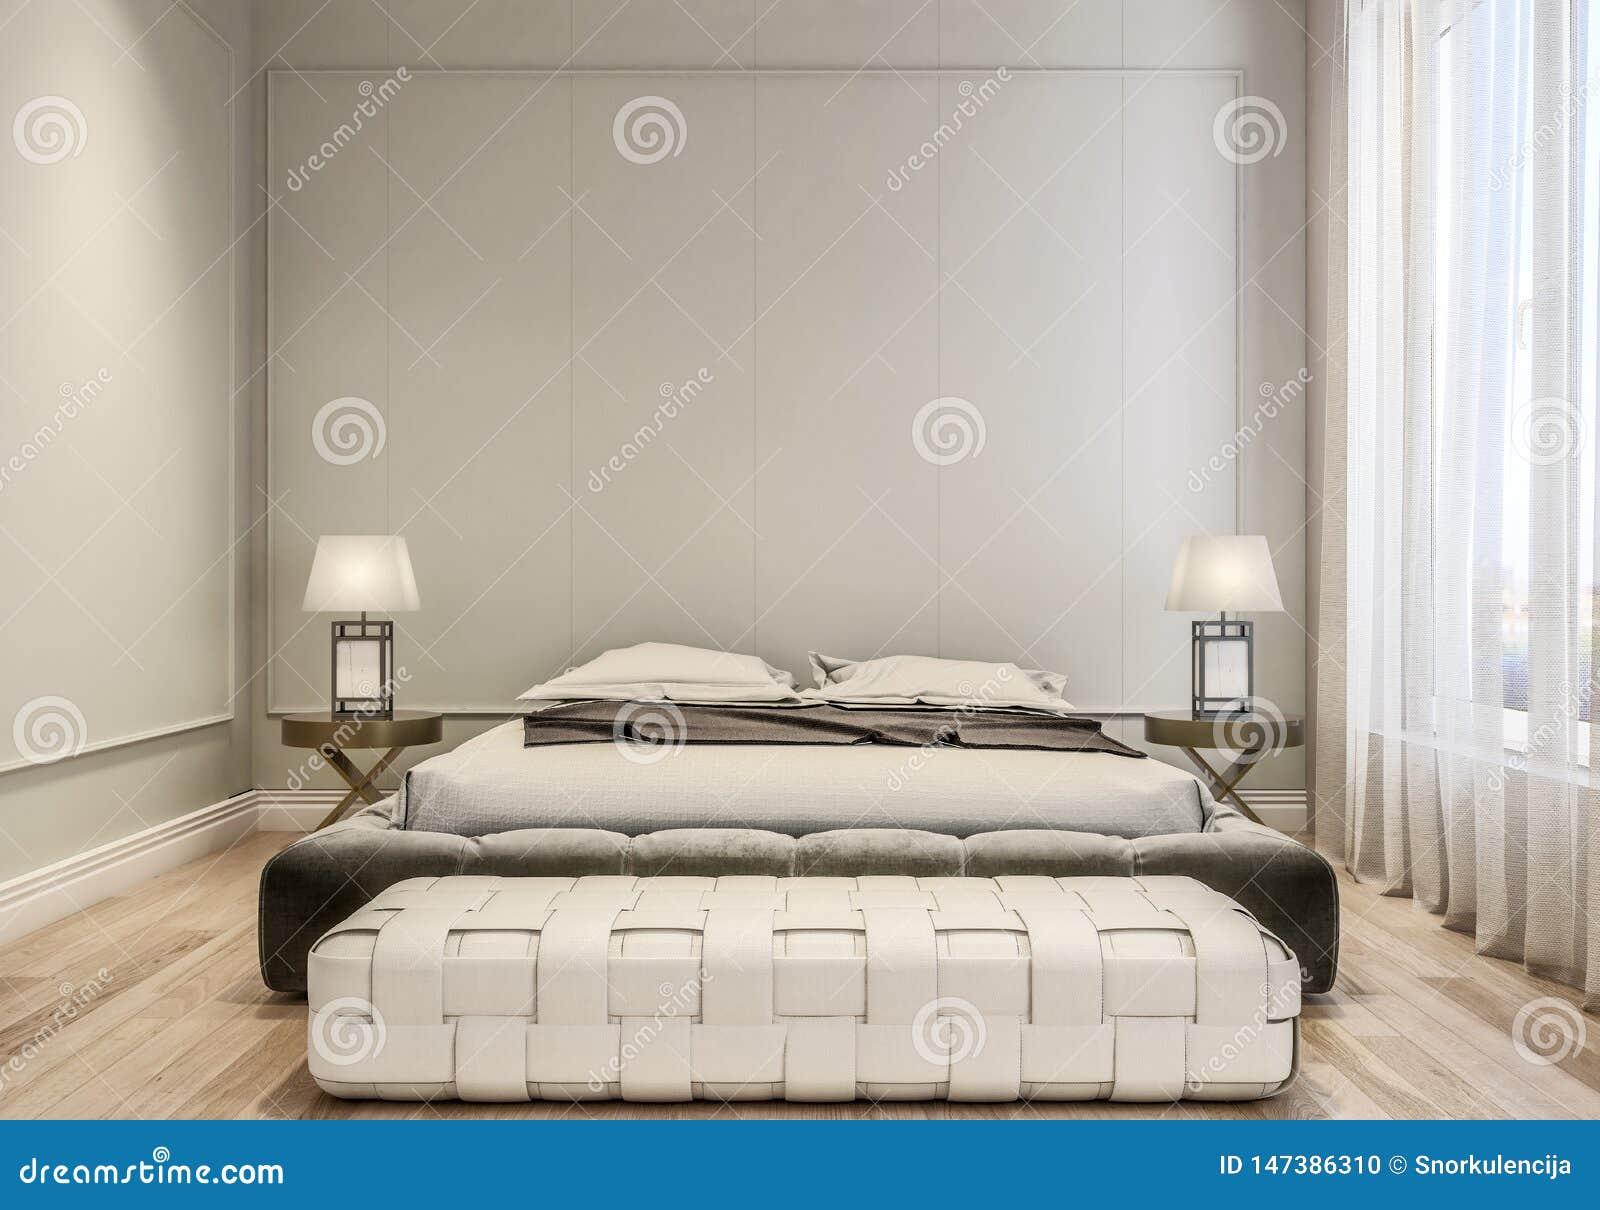 Design de interiores moderno do quarto principal, da cama enorme com folhas de cama, do revestimento de madeira e de paredes cinz